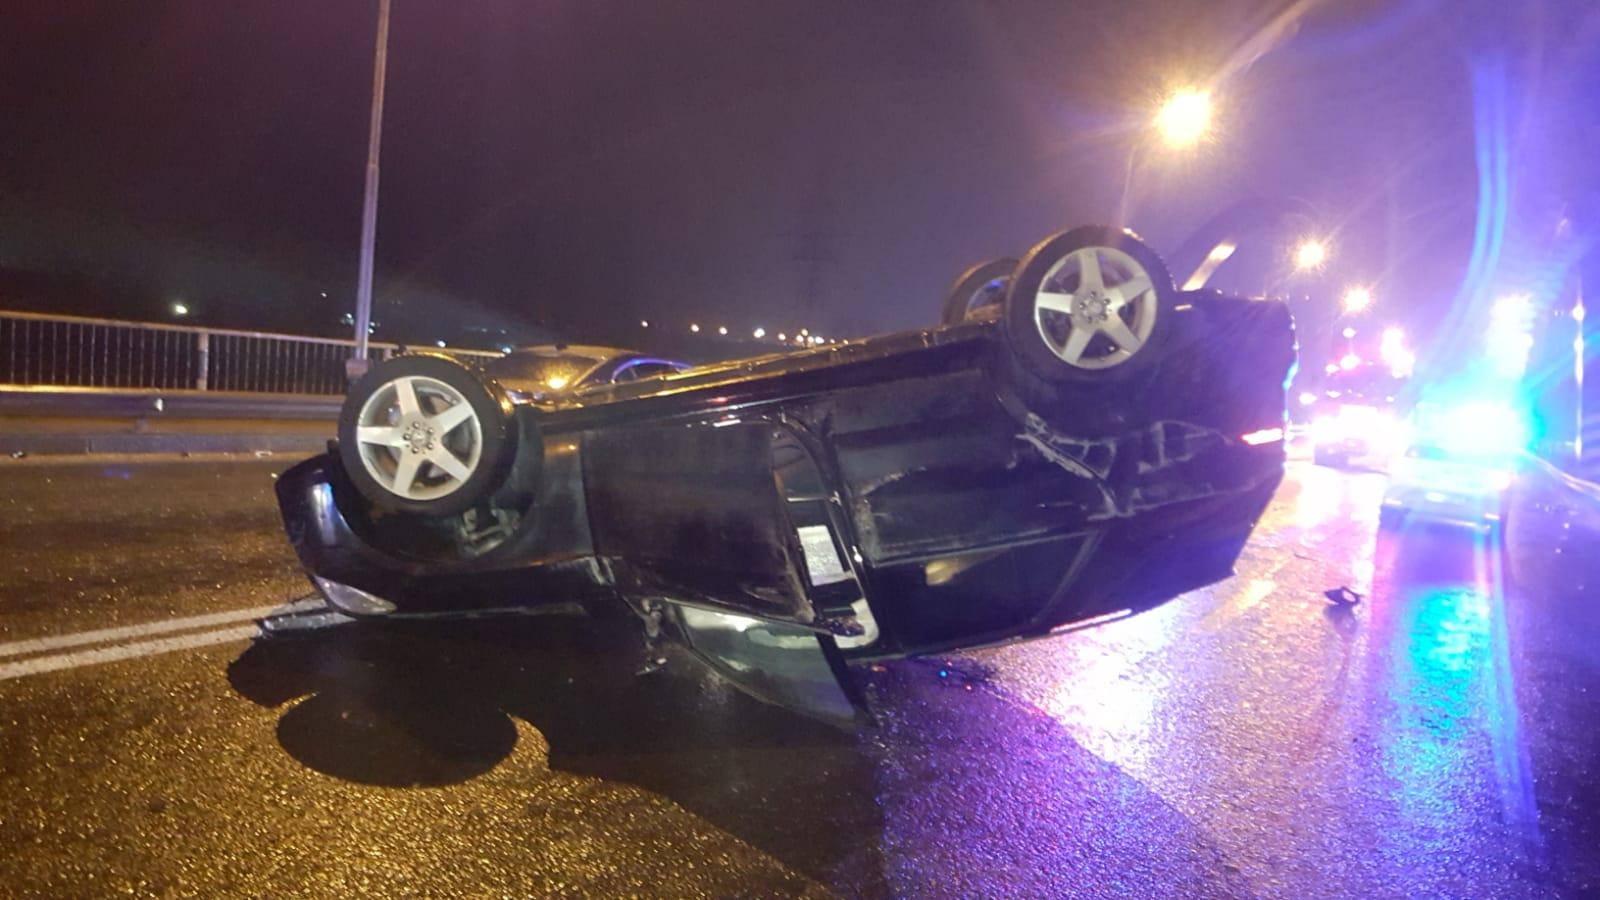 Una dintre maşinile implicate în gravul accident de circulaţie, răsturnată pe şosea. Imagini de la locul accidentului